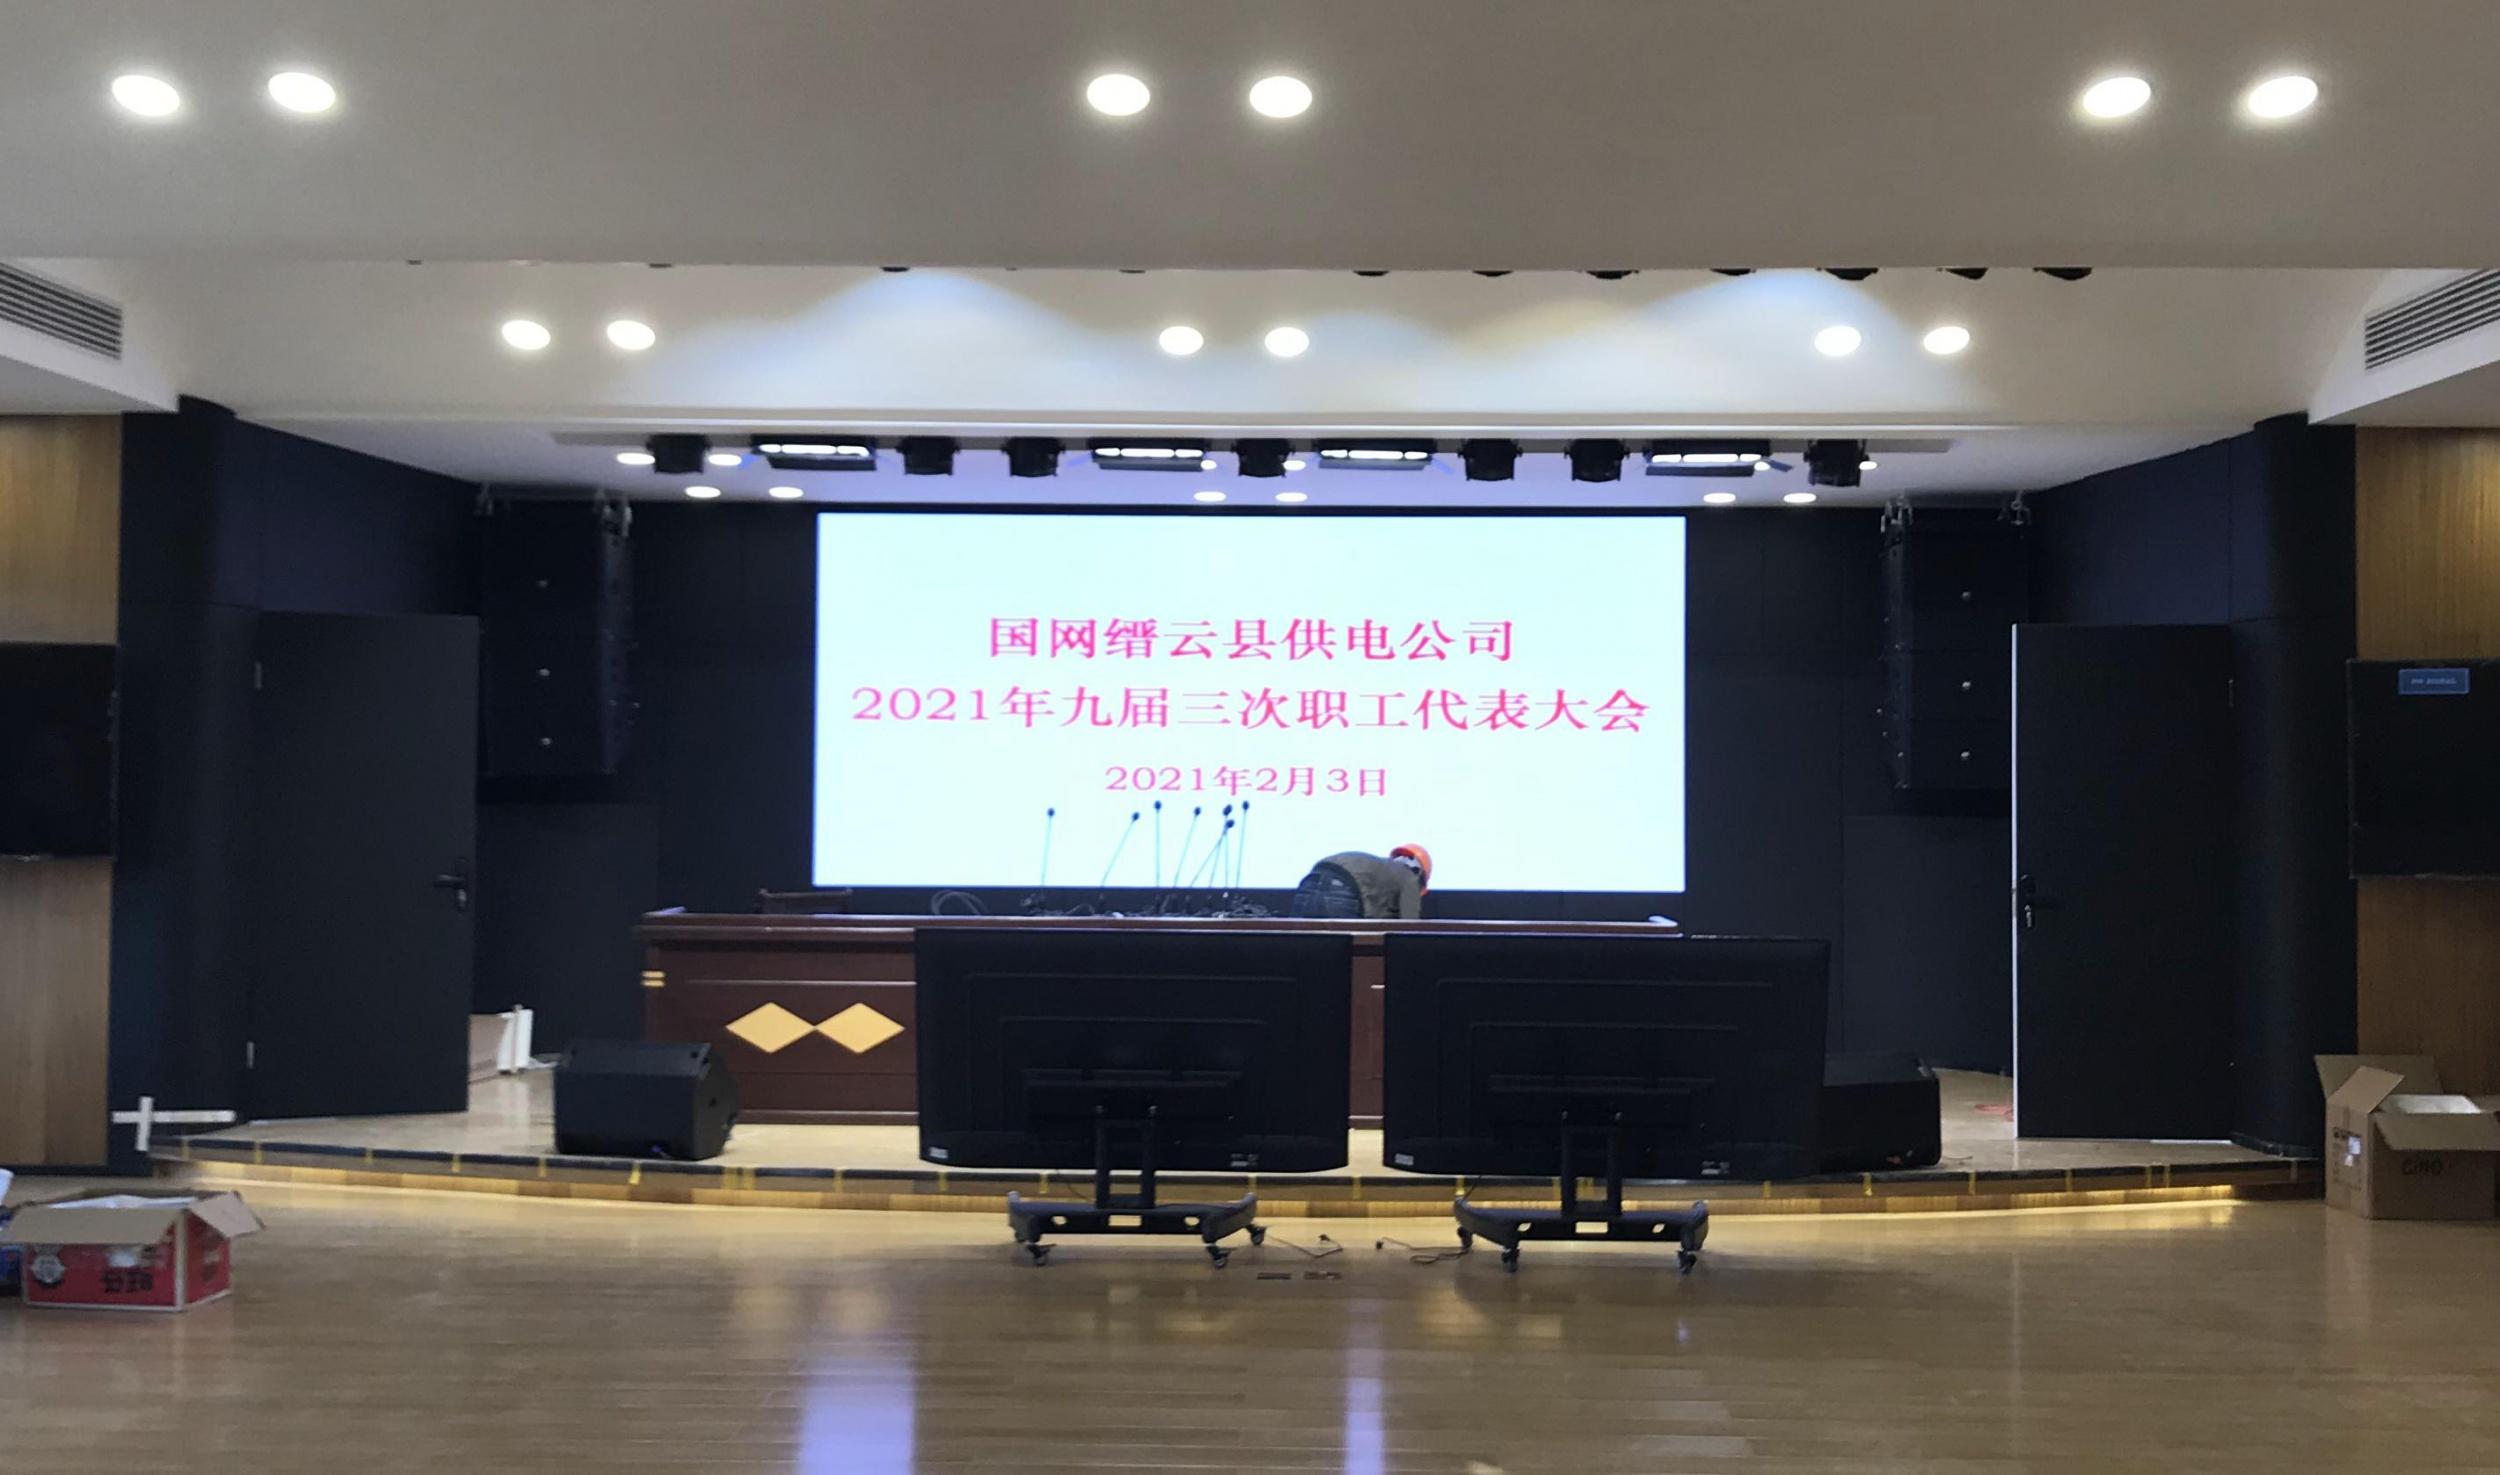 缙云县行政服务电力局分中心